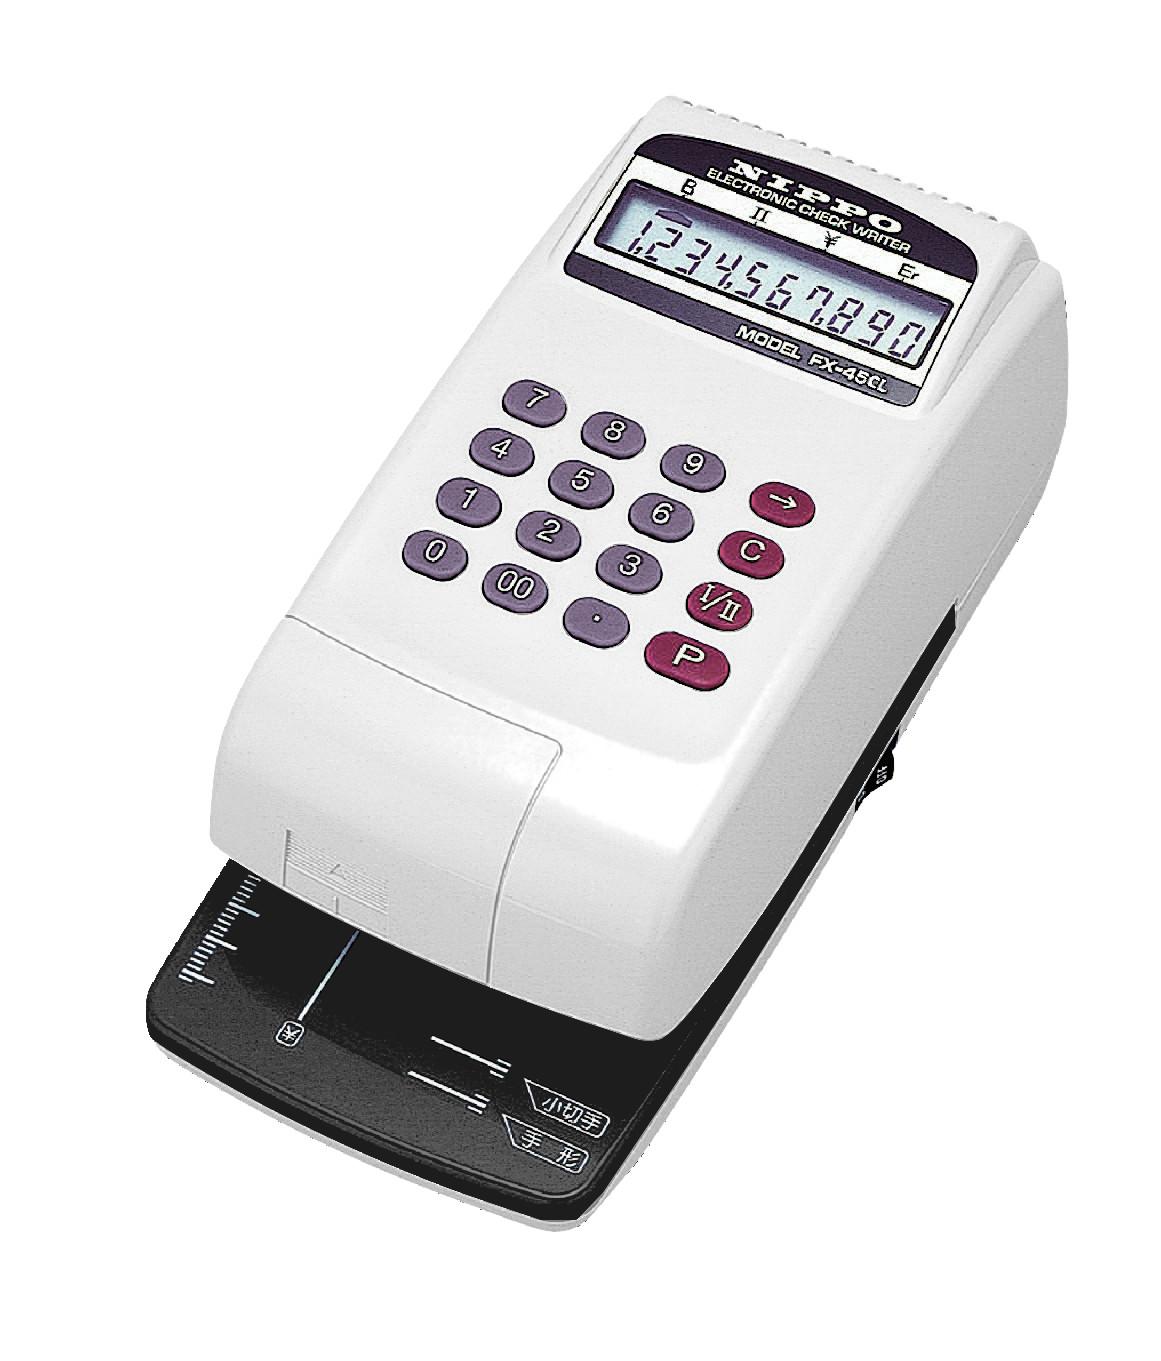 FX-45L チェックライター